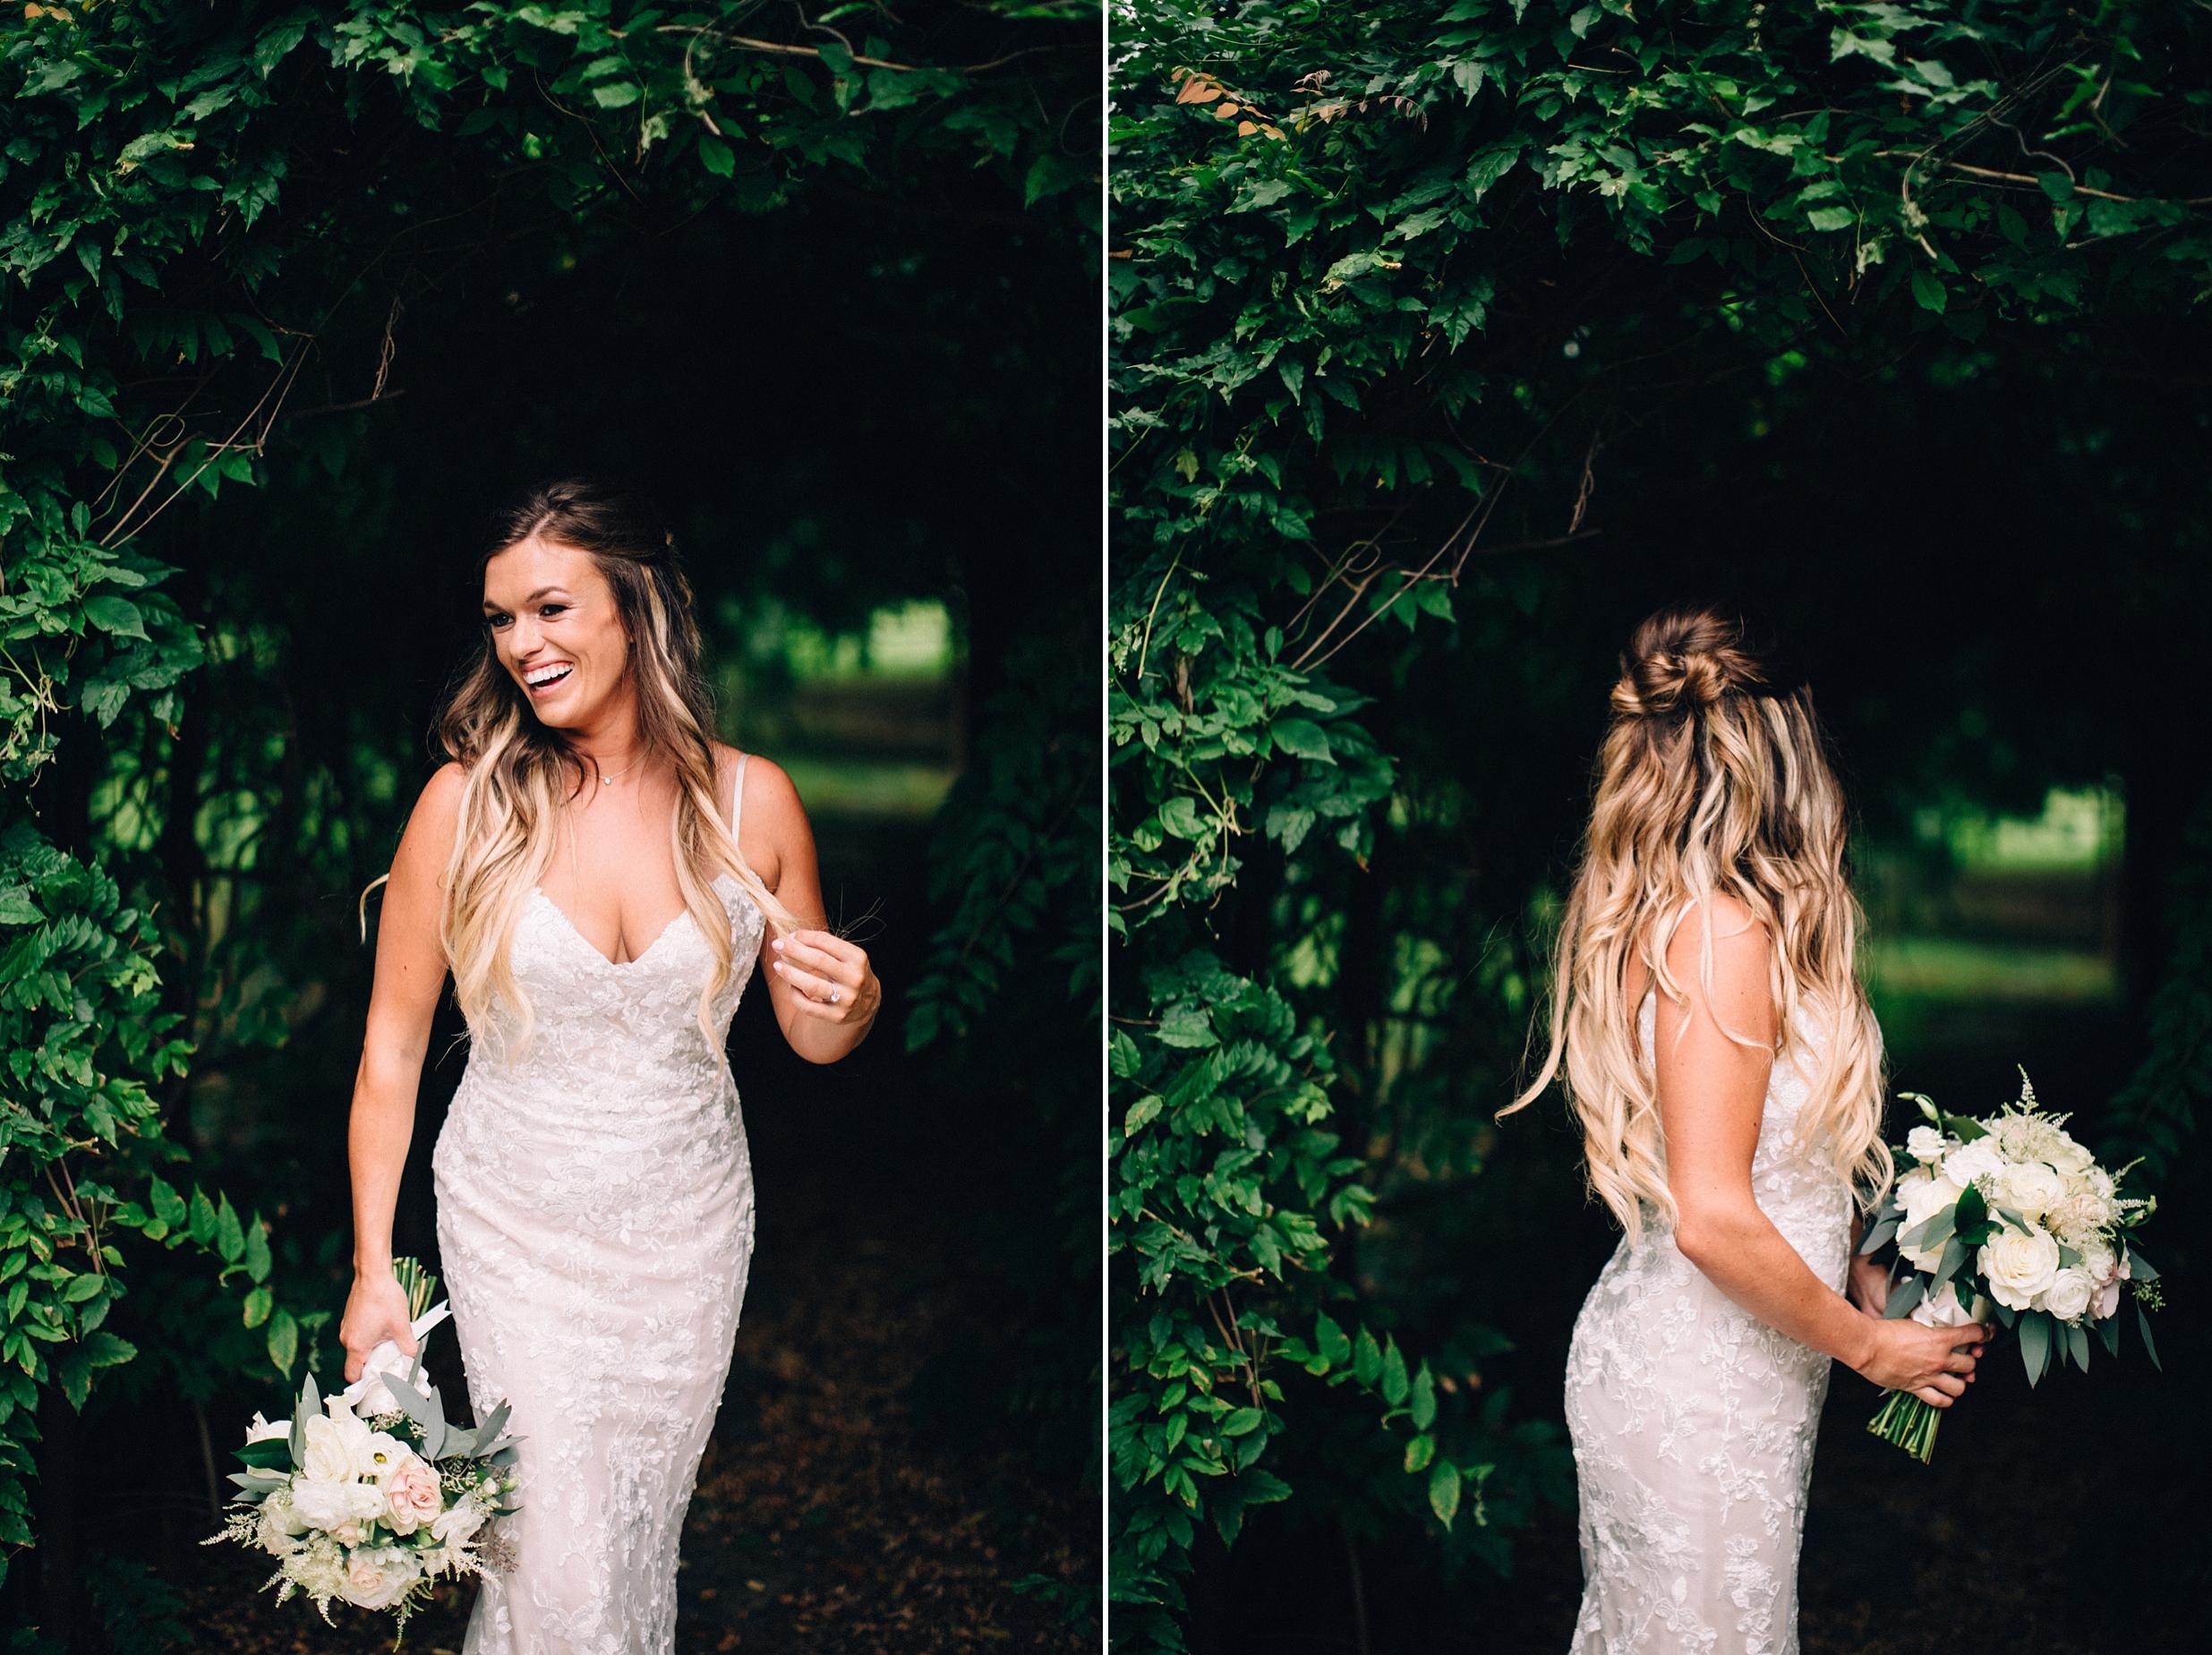 jersey-outdoor-ceremony-wedding-navasink-monmouth-rumson_0031.jpg